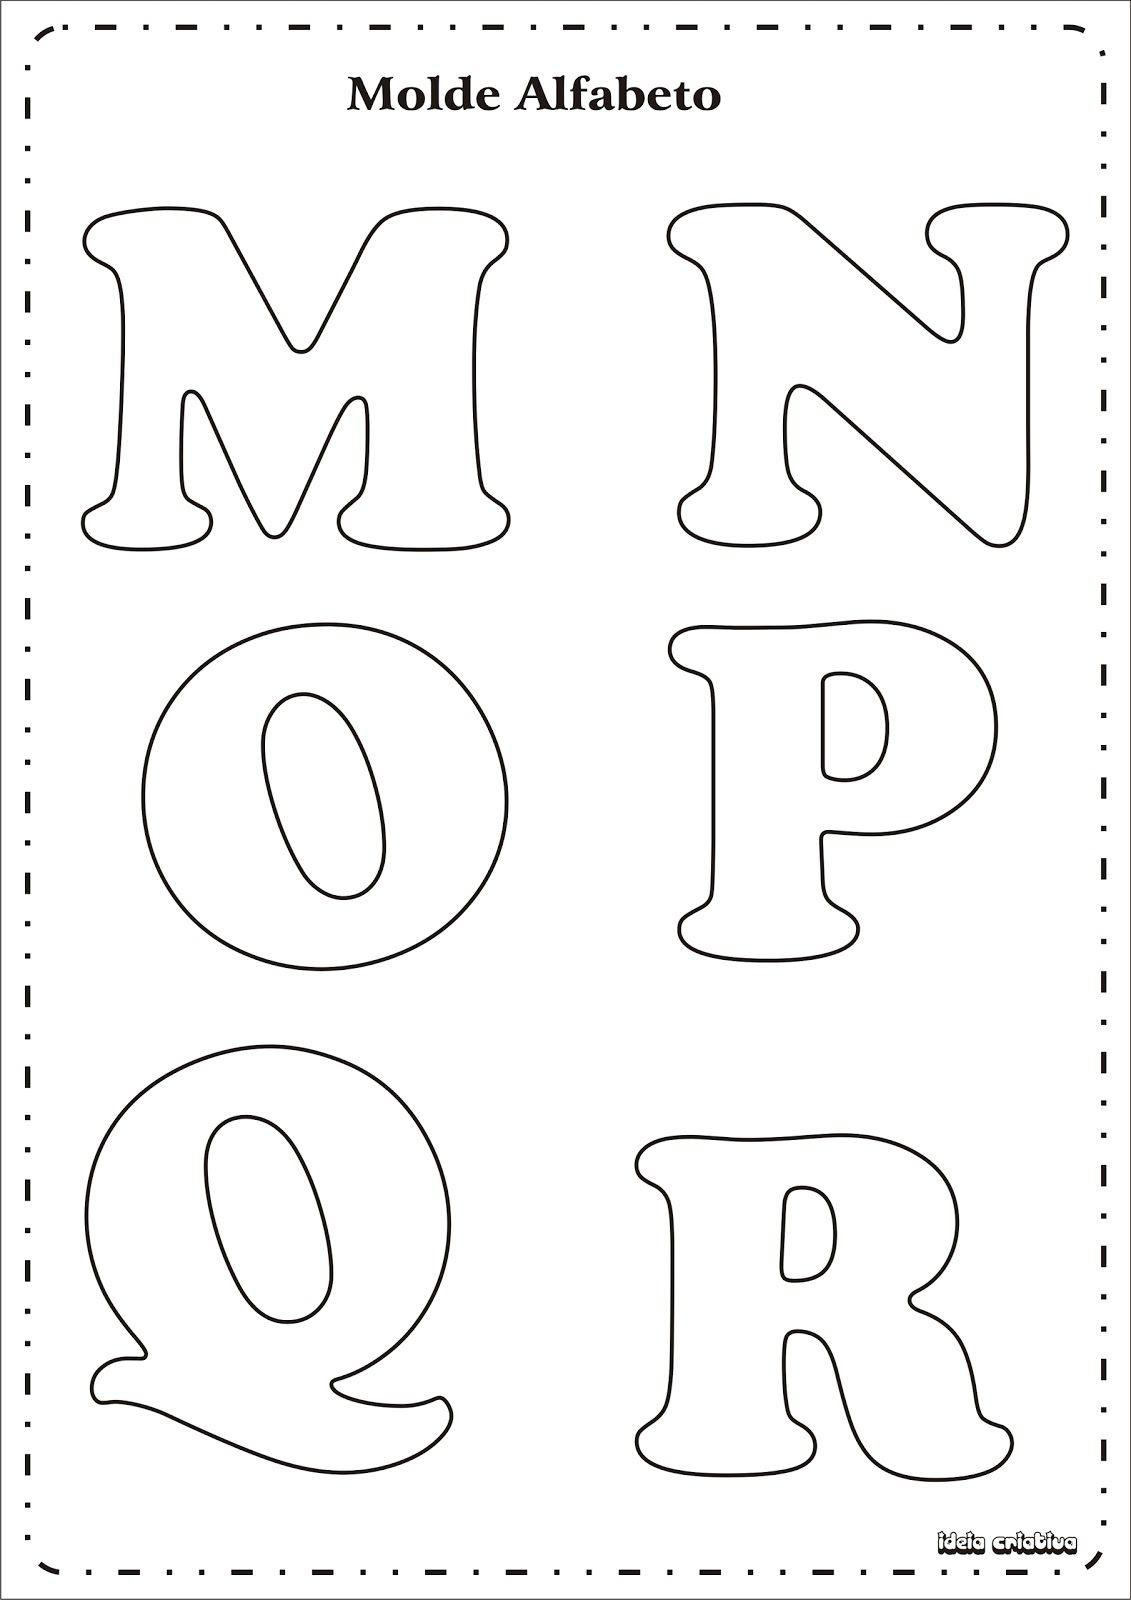 letras para bwin poker hack download colorir e pintar by desenhos ...